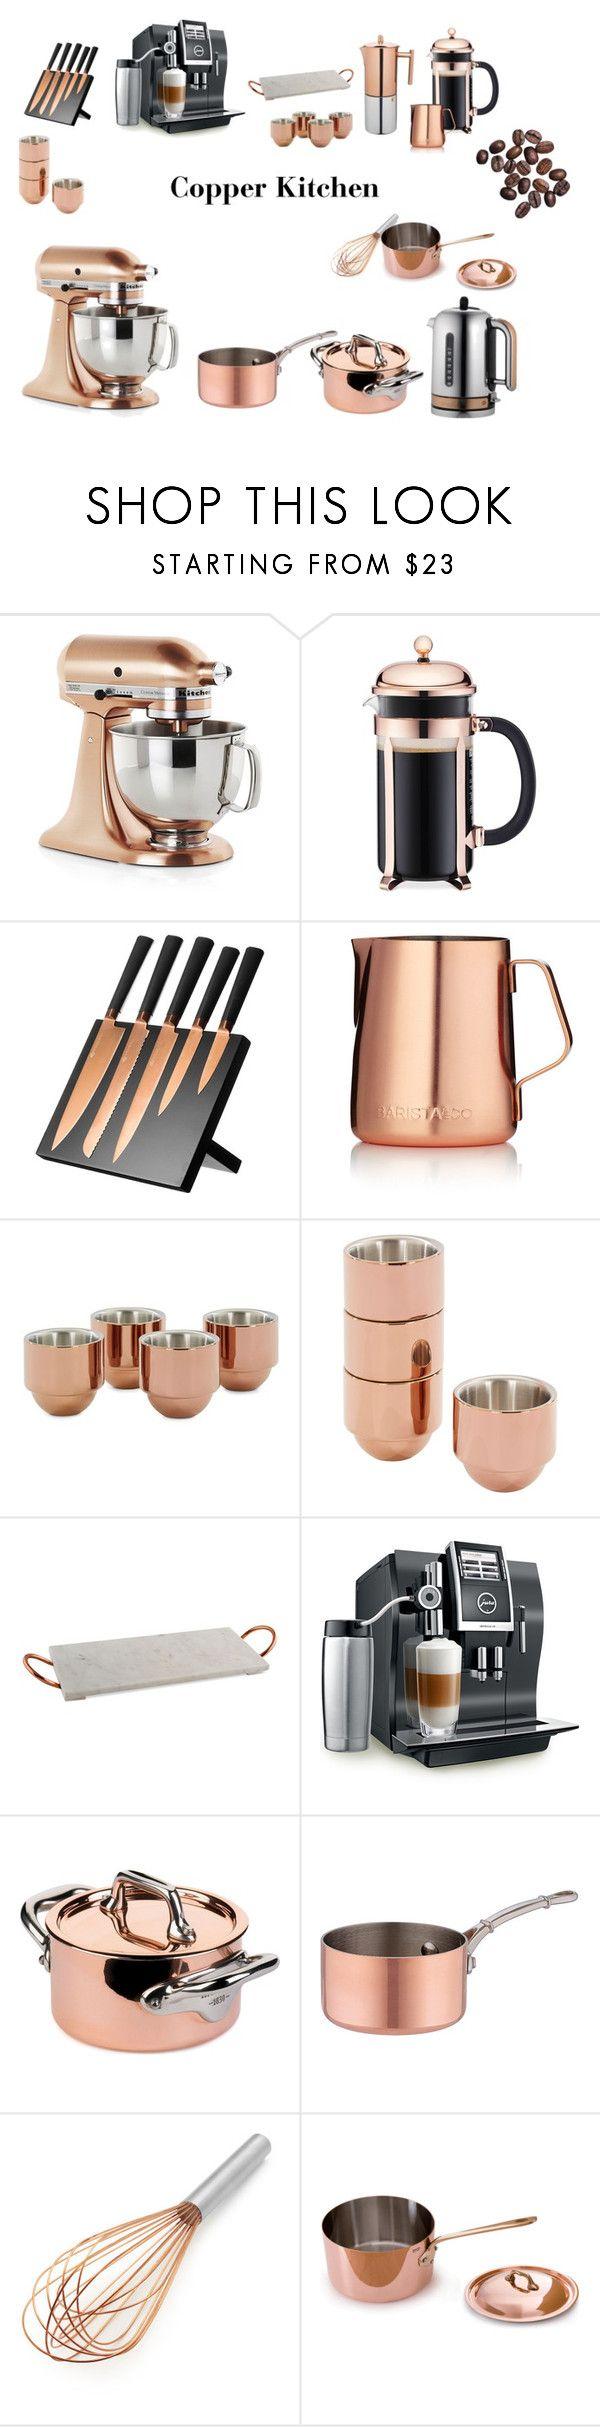 Copper Kitchen   Copper kitchen, Tom dixon and KitchenAid